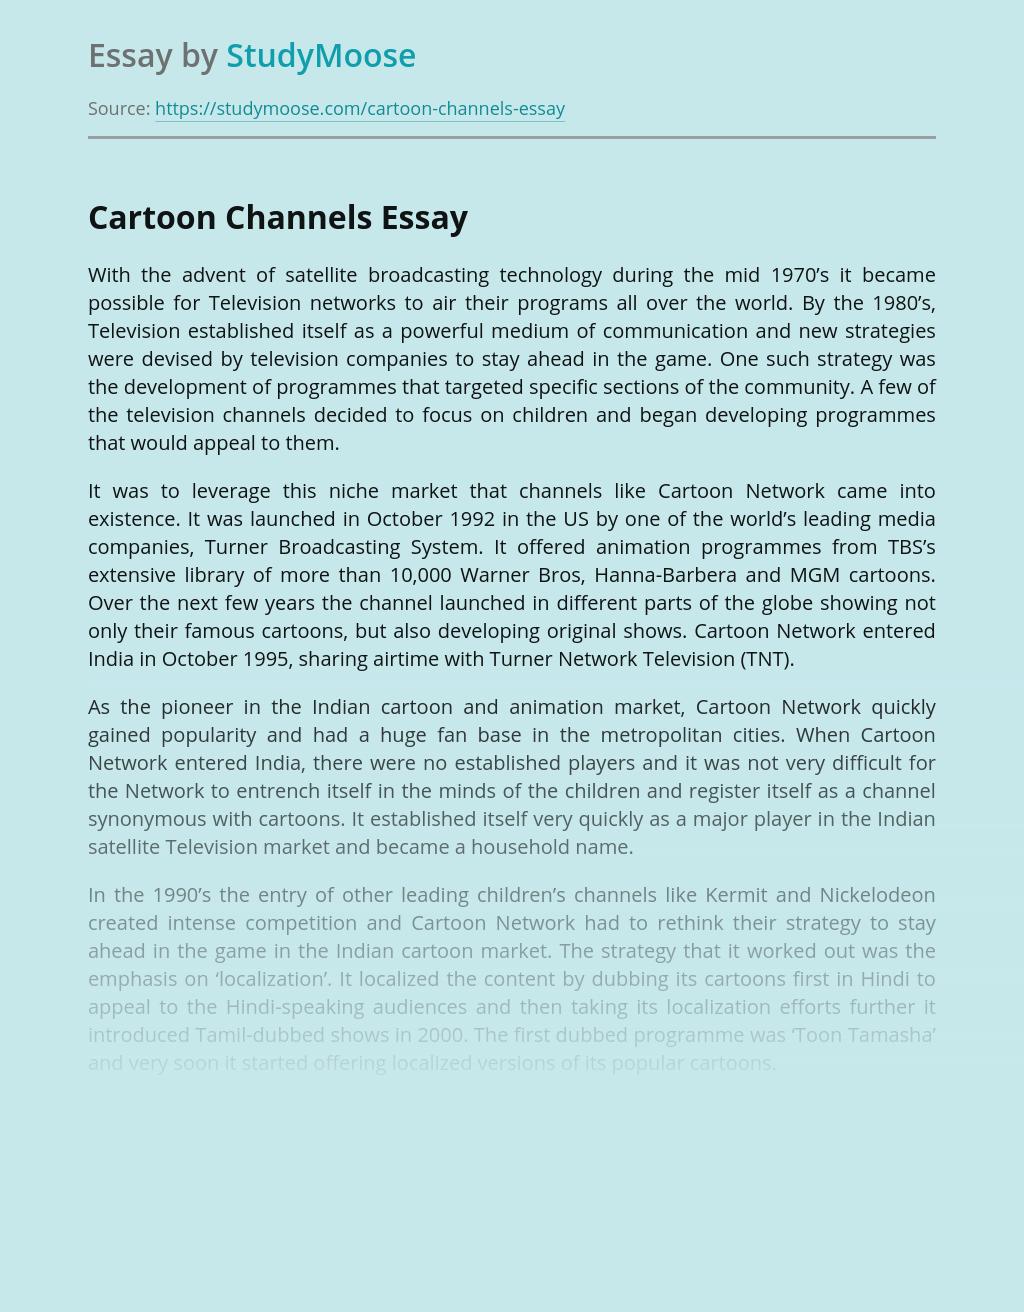 Cartoon Channels